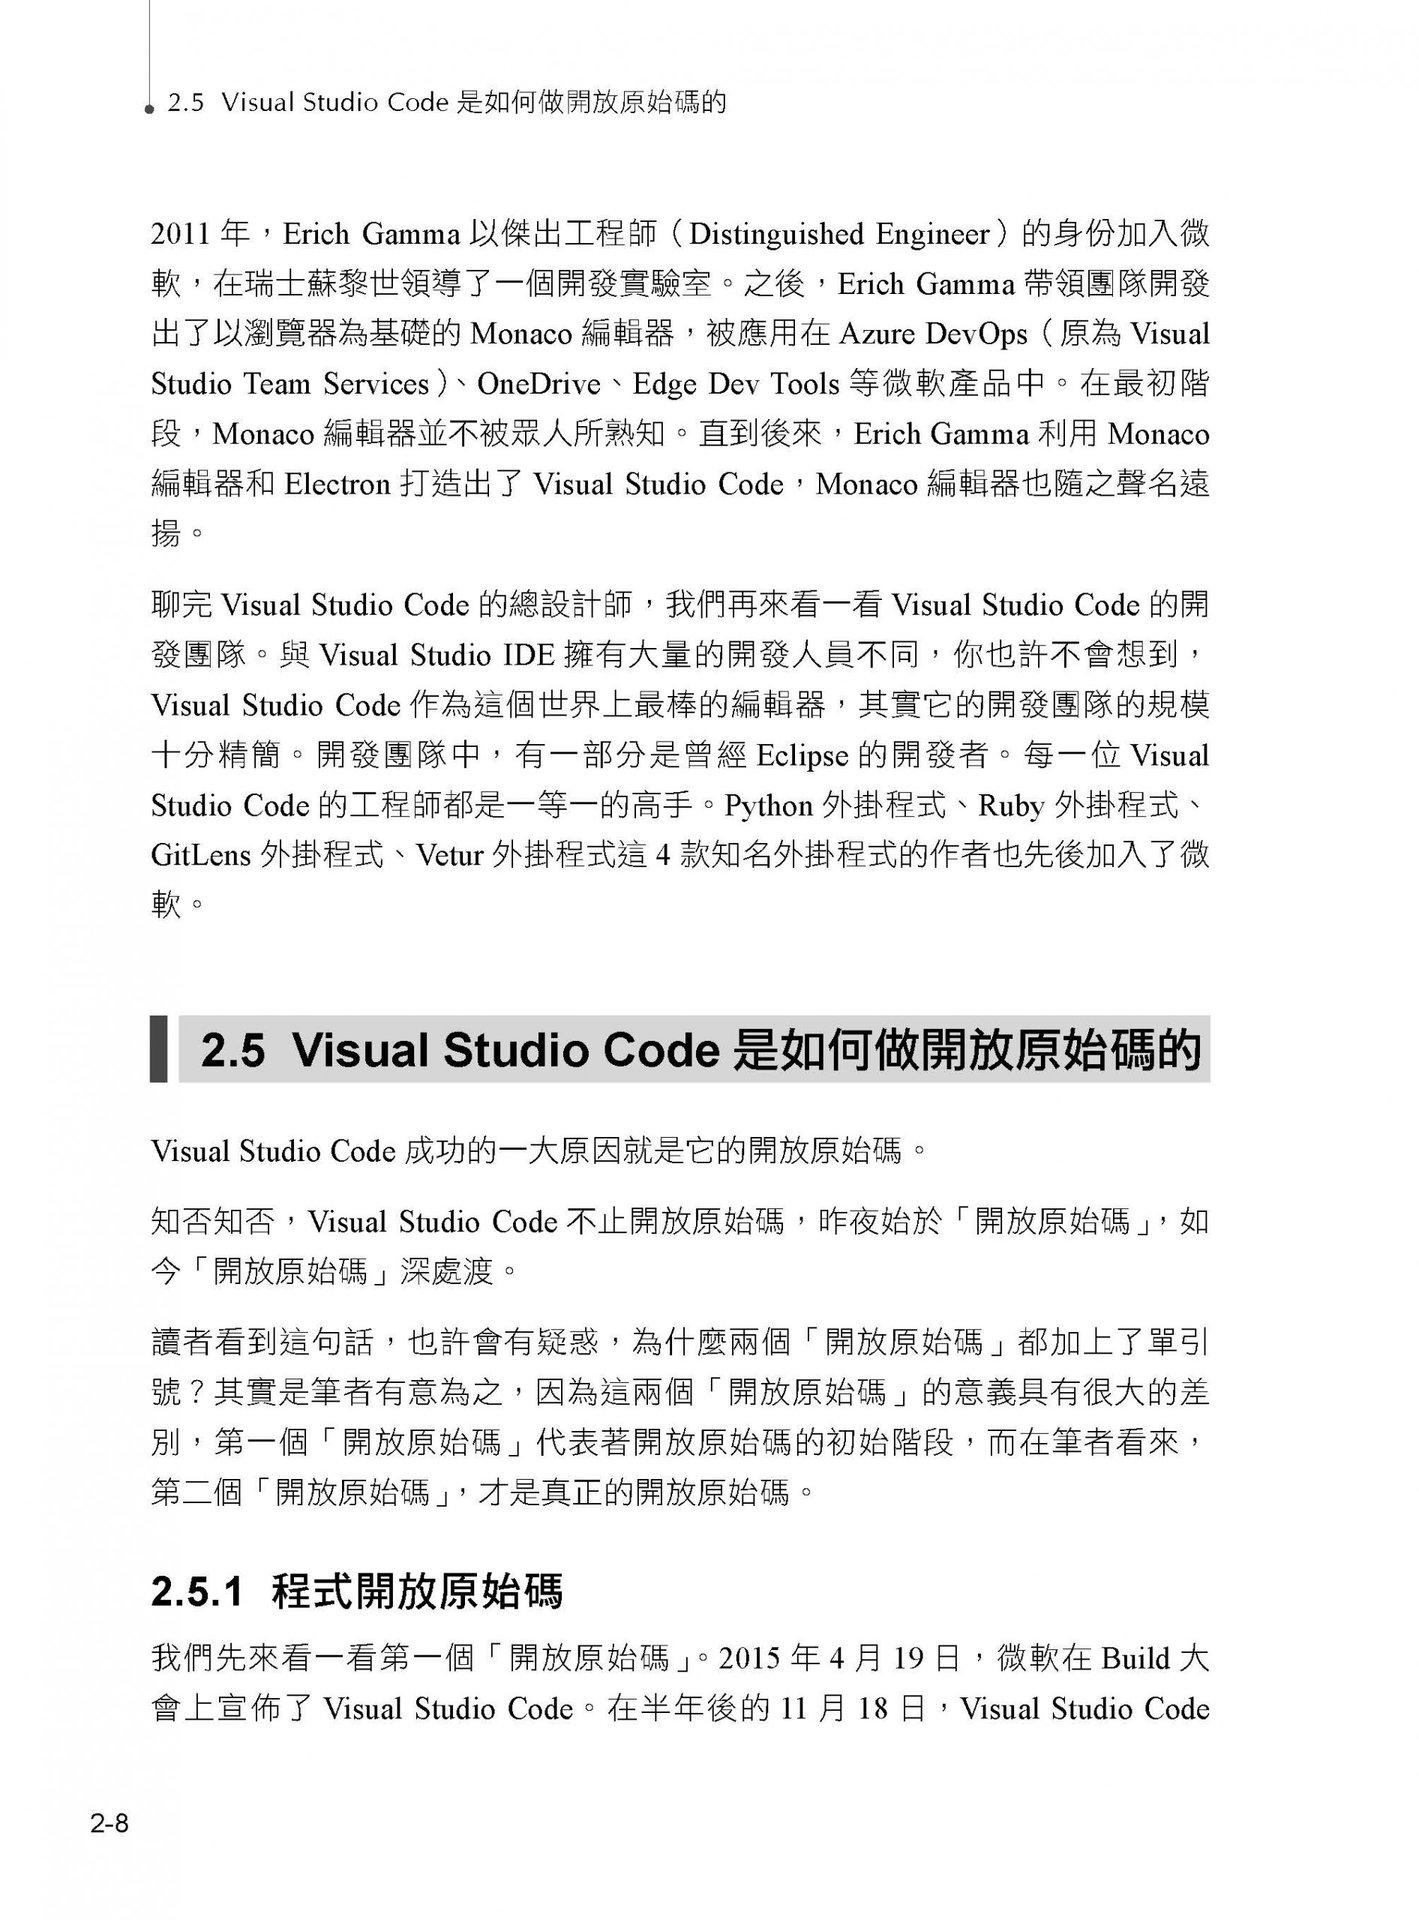 小輕快跨平台:王的編輯器 Visual Studio Code 聖經-preview-9